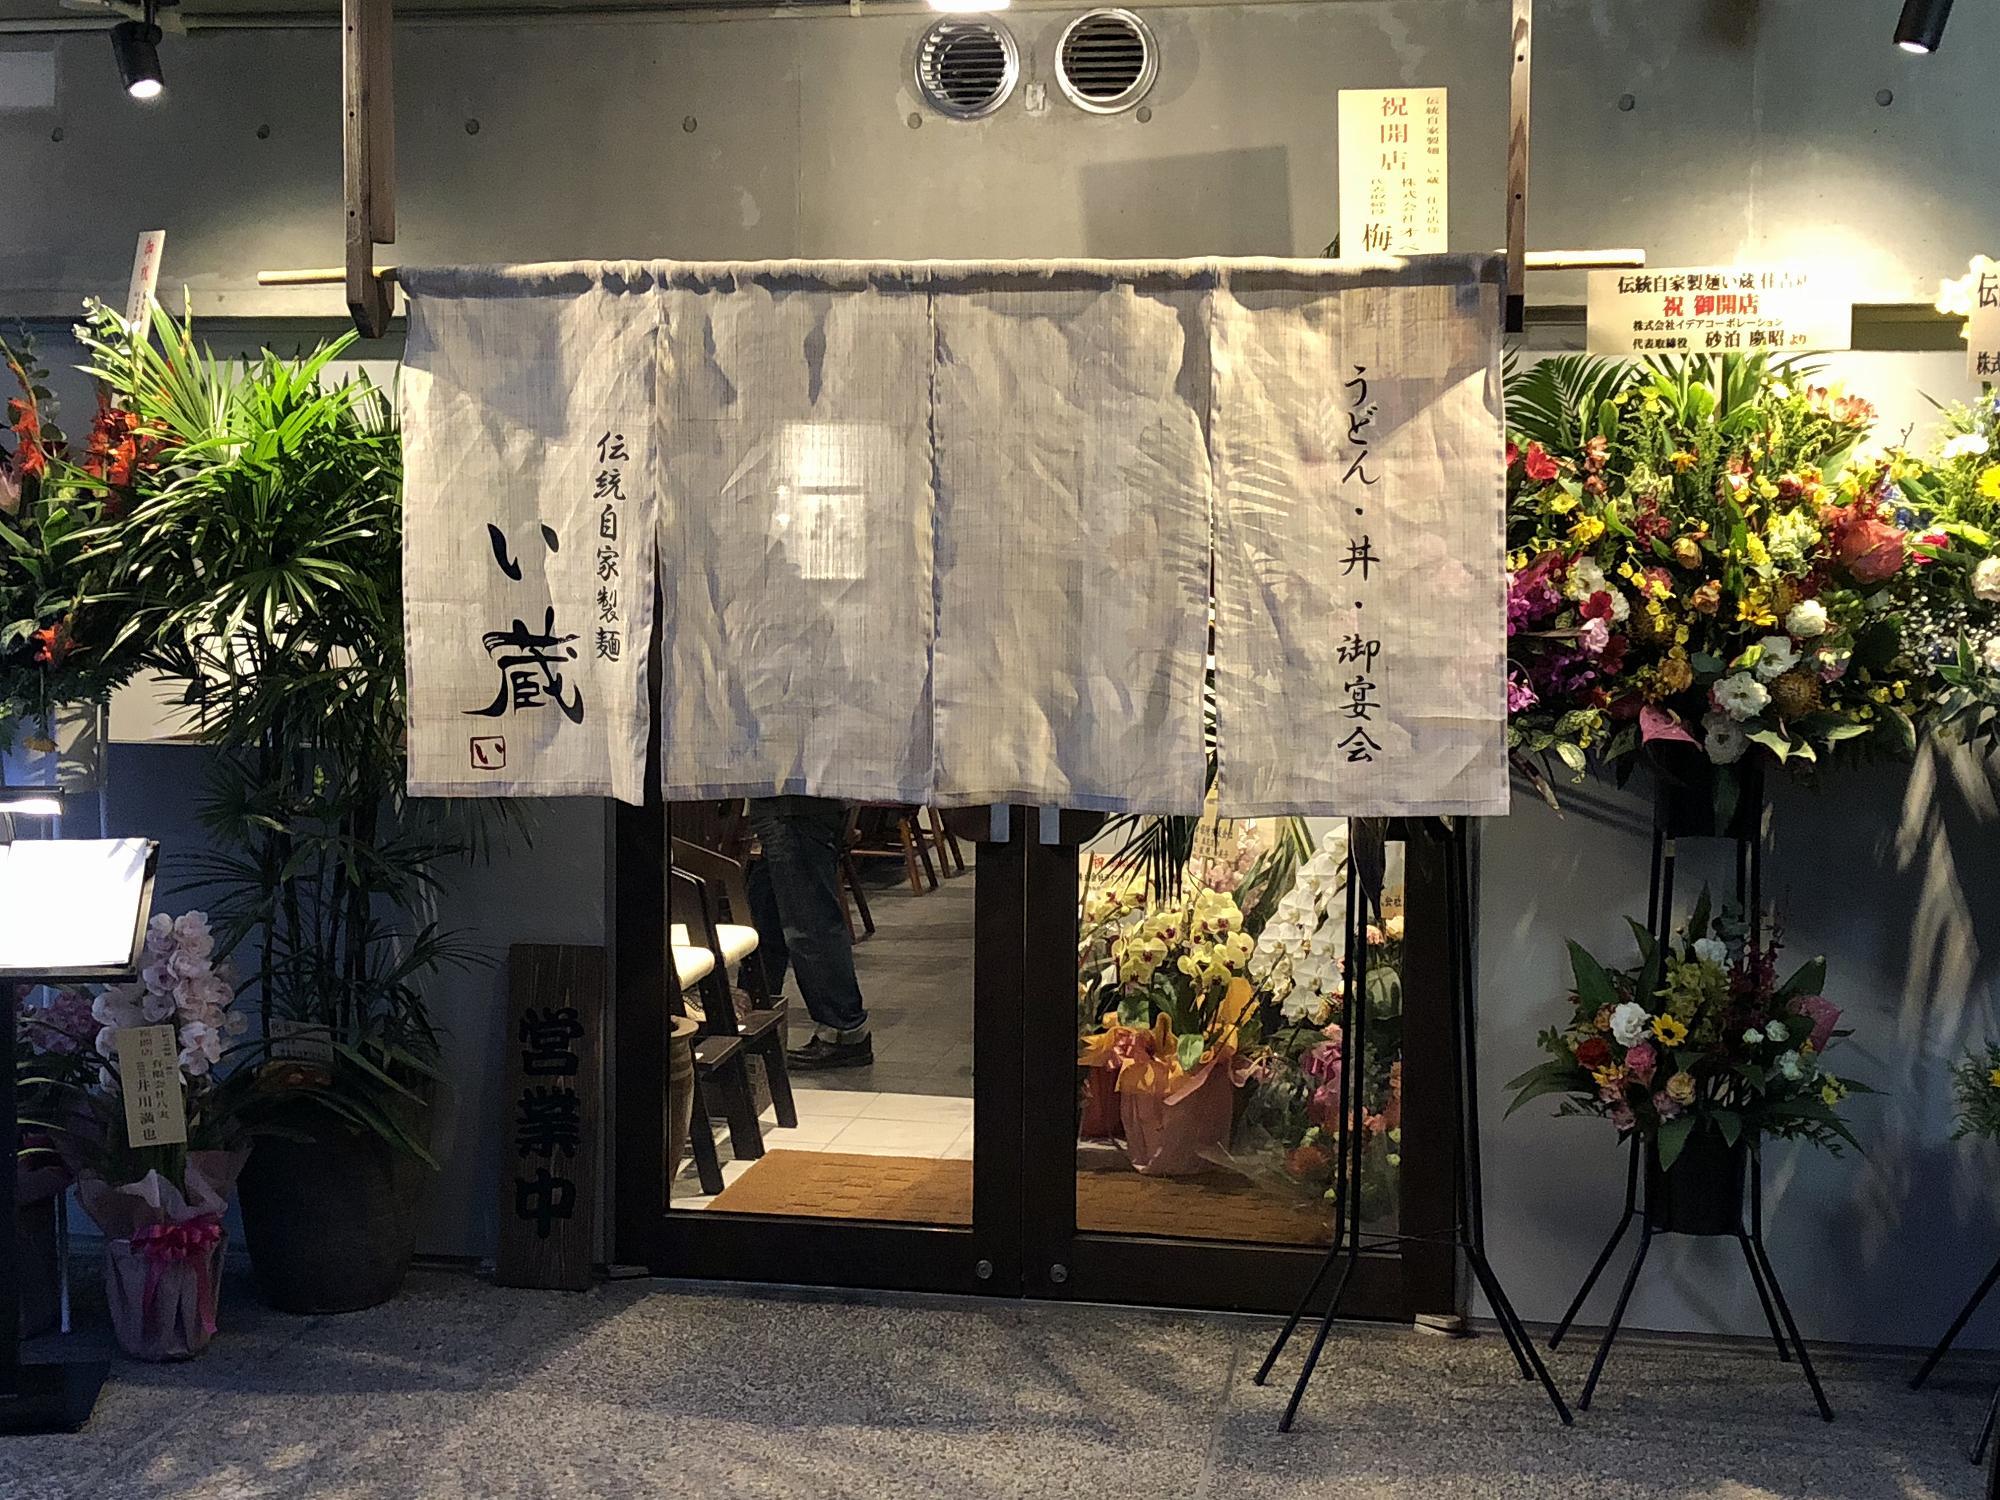 神戸・JR住吉駅北側に、うどん屋「伝統自家製麺い蔵 住吉店」が12/9オープンしたよ ! #新規オープン #JR住吉